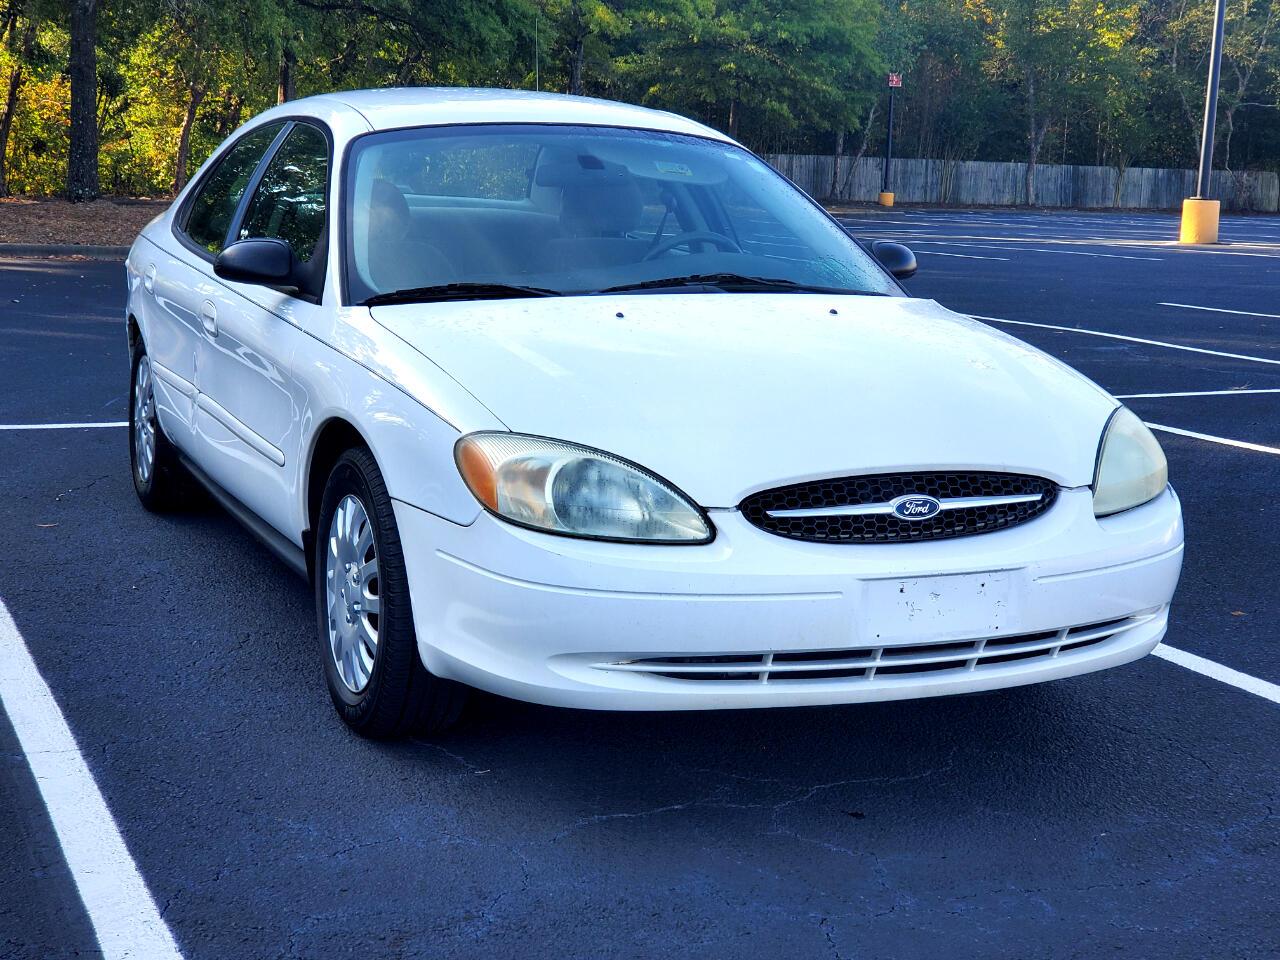 Ford Taurus 4dr Sdn LX Standard 2003